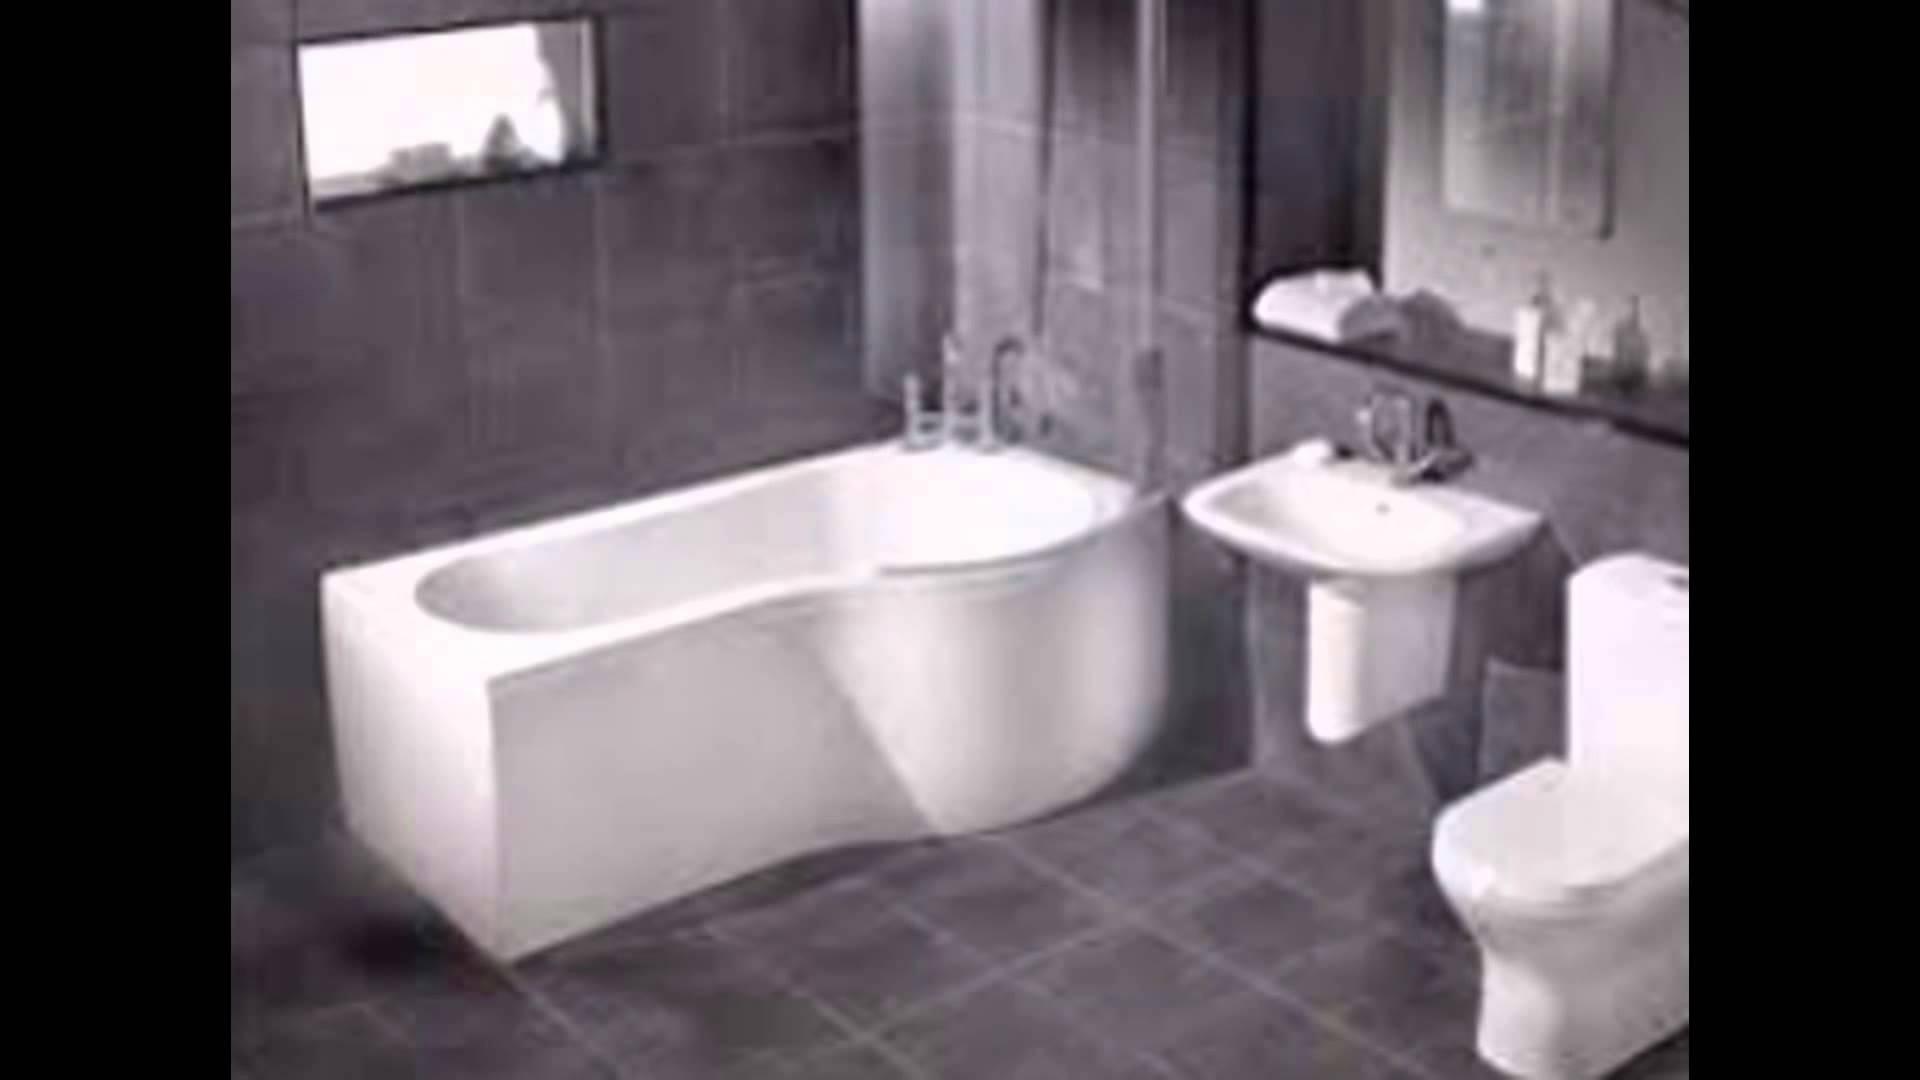 بالصور ديكور حمامات صغيرة , تعرف على احدث ديكور للحمامات الصغيرة 2060 12